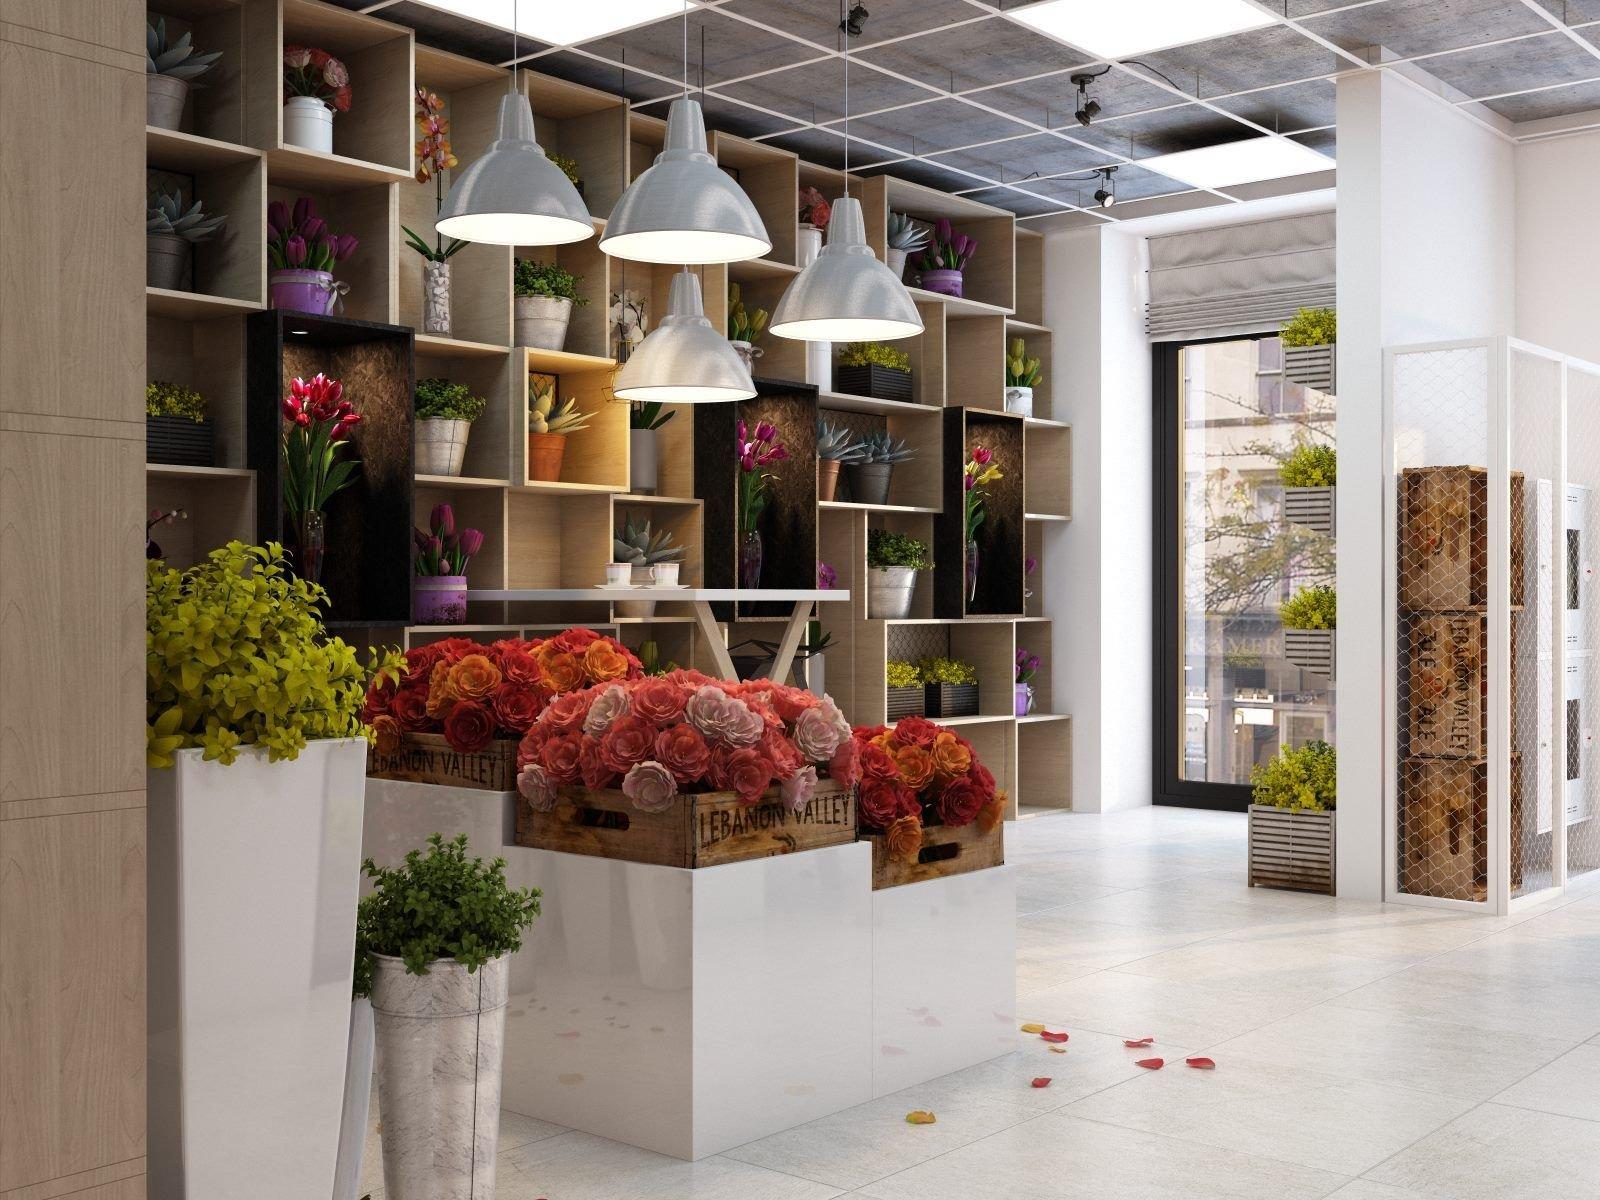 углы оформление магазина цветов фото колокольне